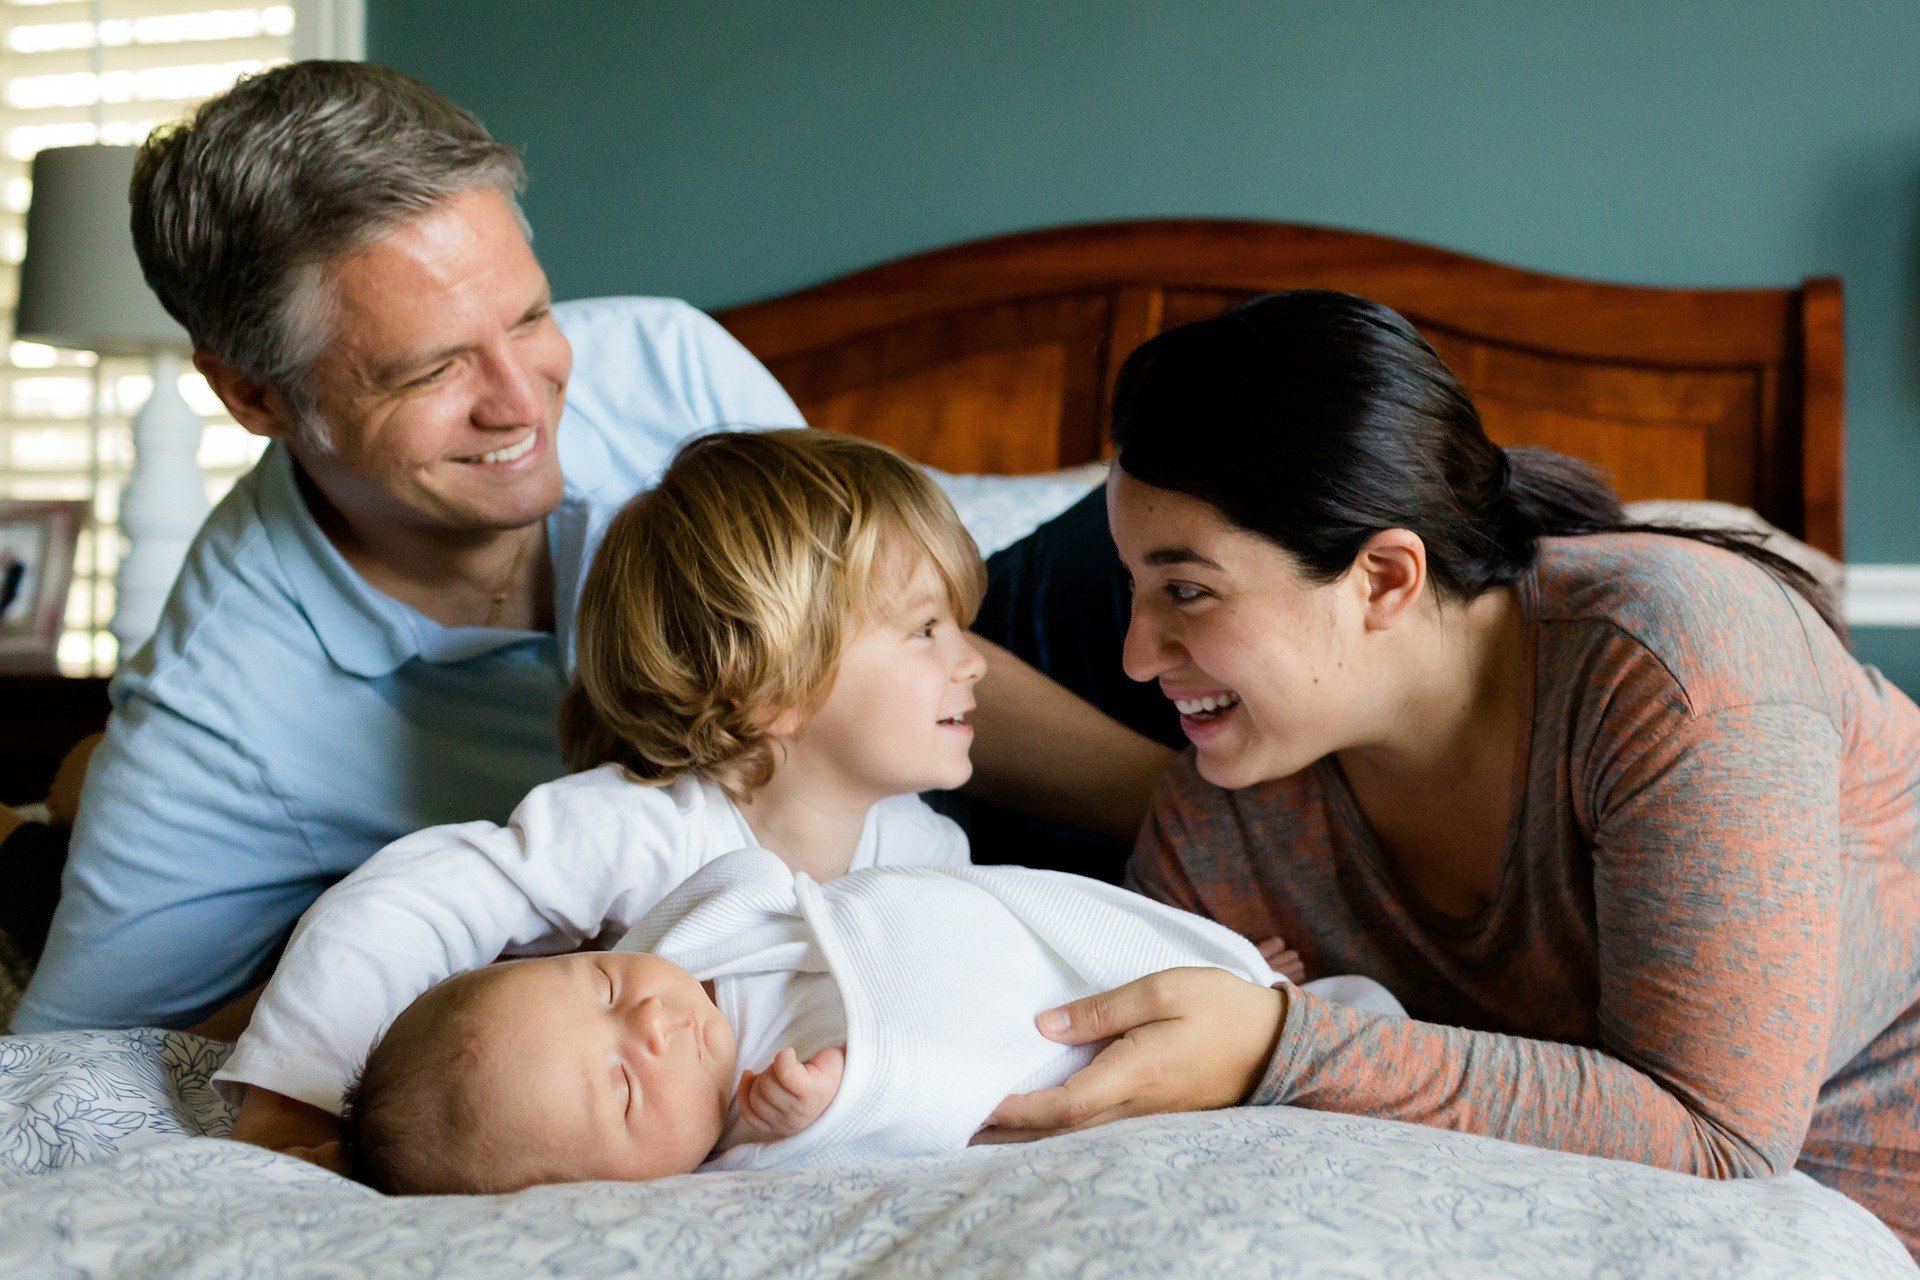 זמן איכות עם הילדים: כך תעשו זאת